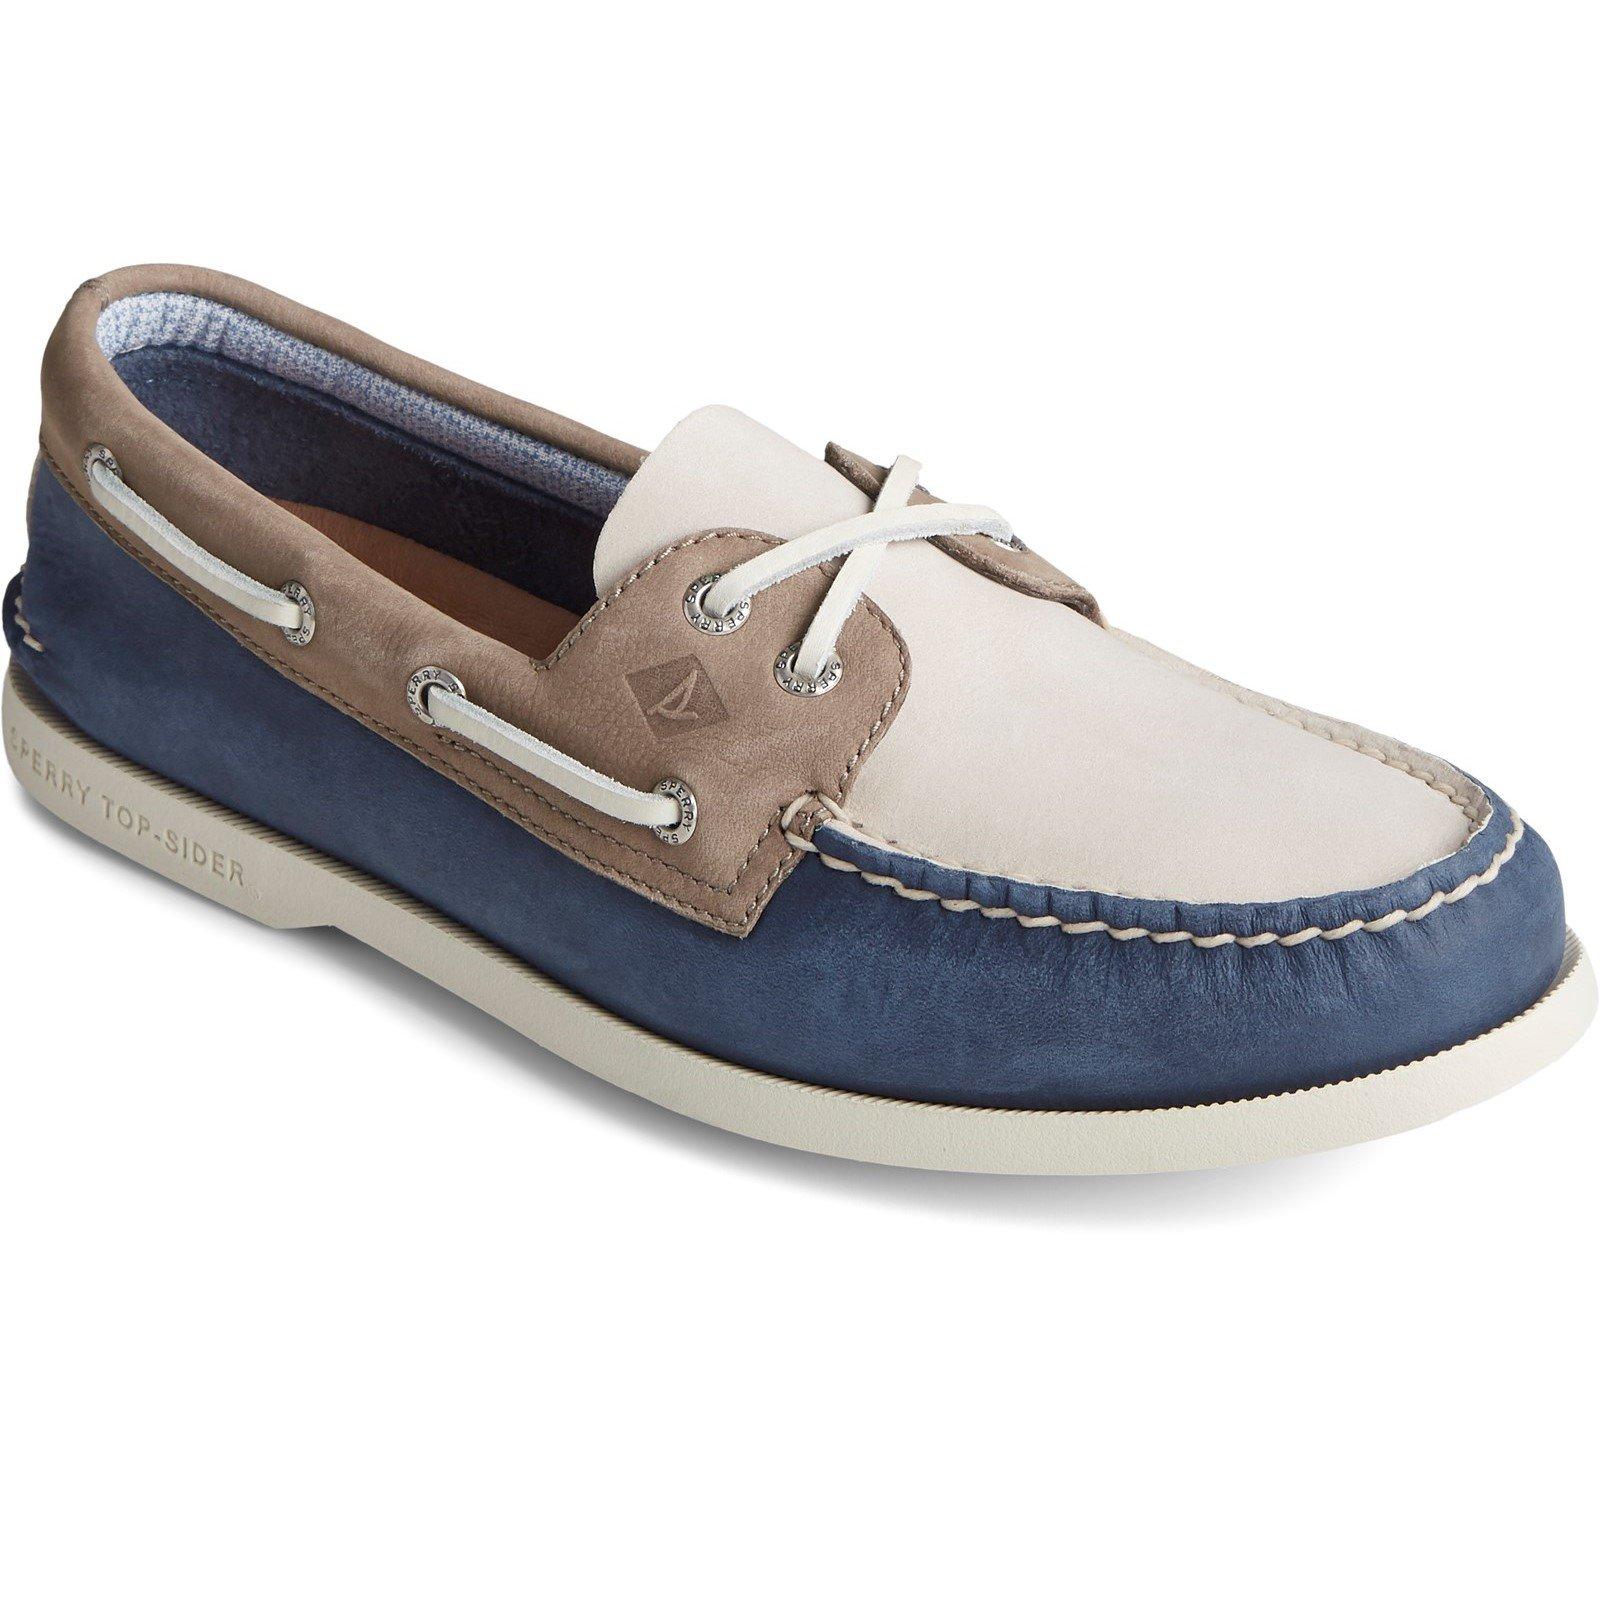 Sperry Men's Authentic Original PLUSHWAVE Boat Shoe Various Colours 31525 - Multicoloured 8